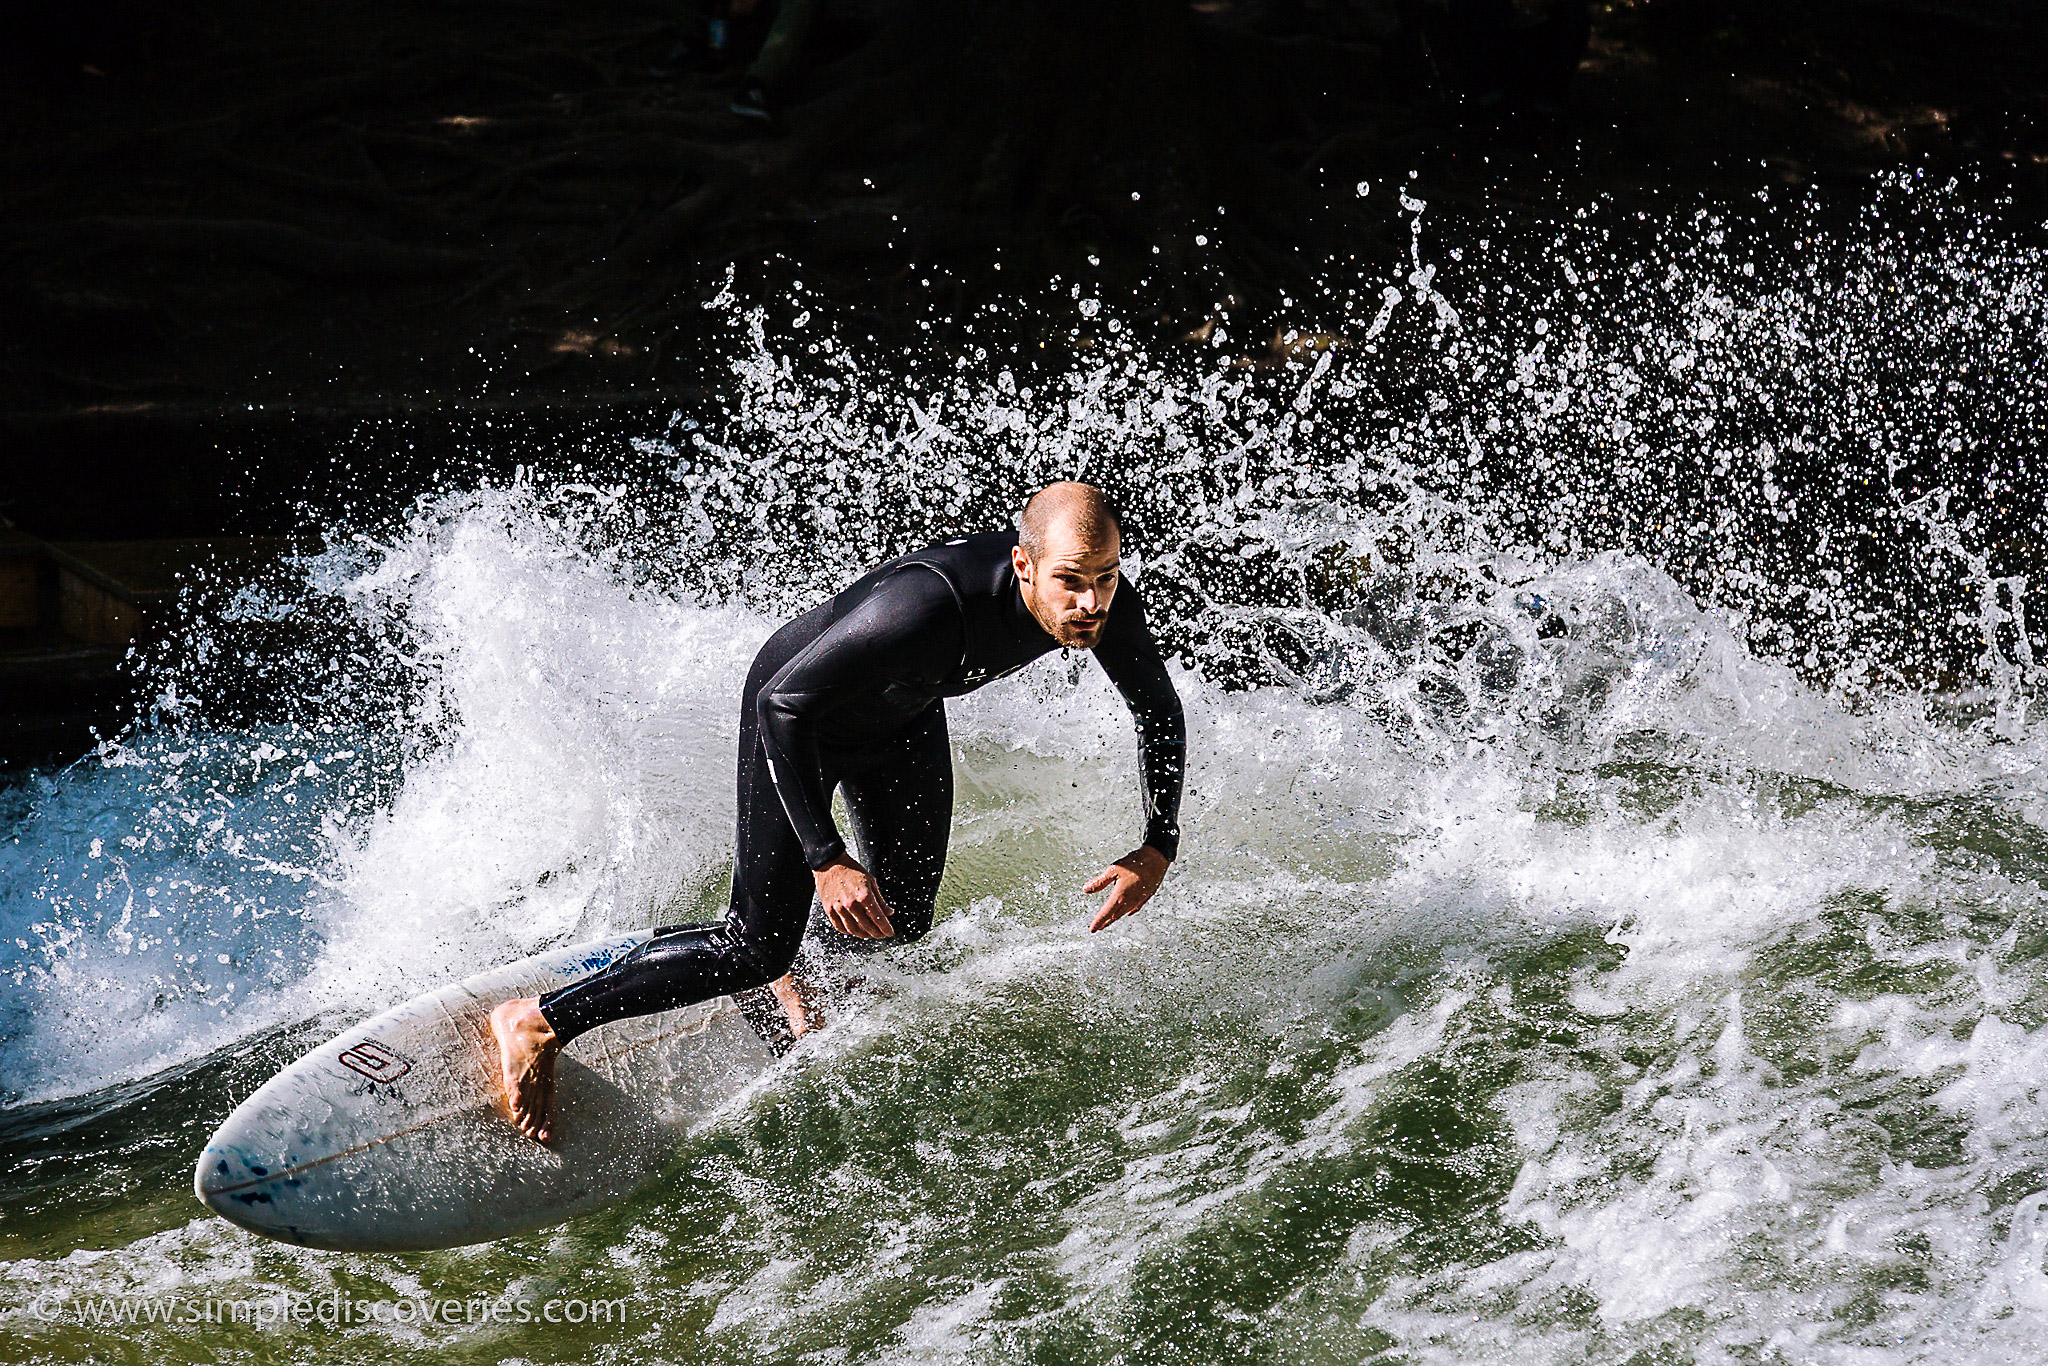 eisbach_munich_surfing